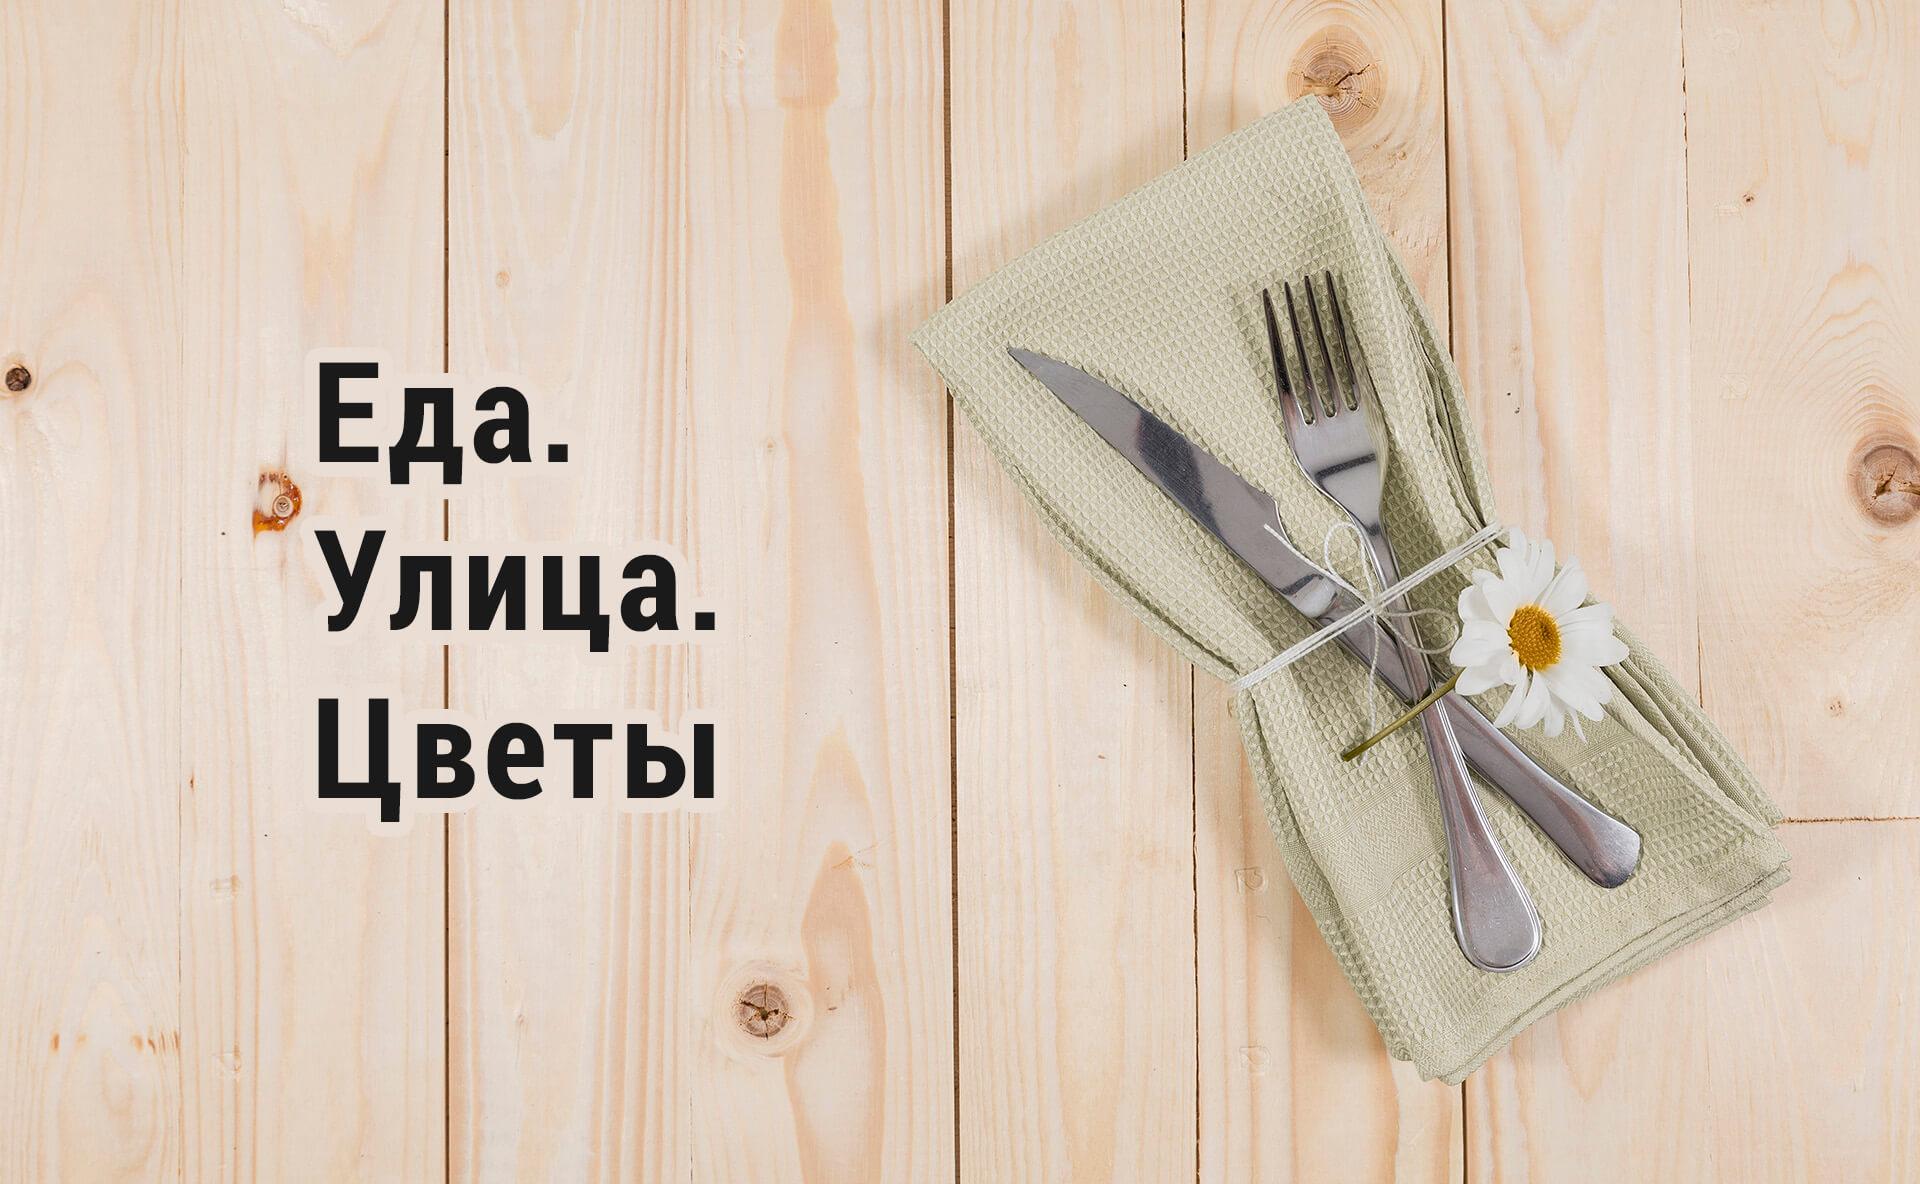 Гастрономический фестиваль «Еда. Улица. Цветы» в Таганроге